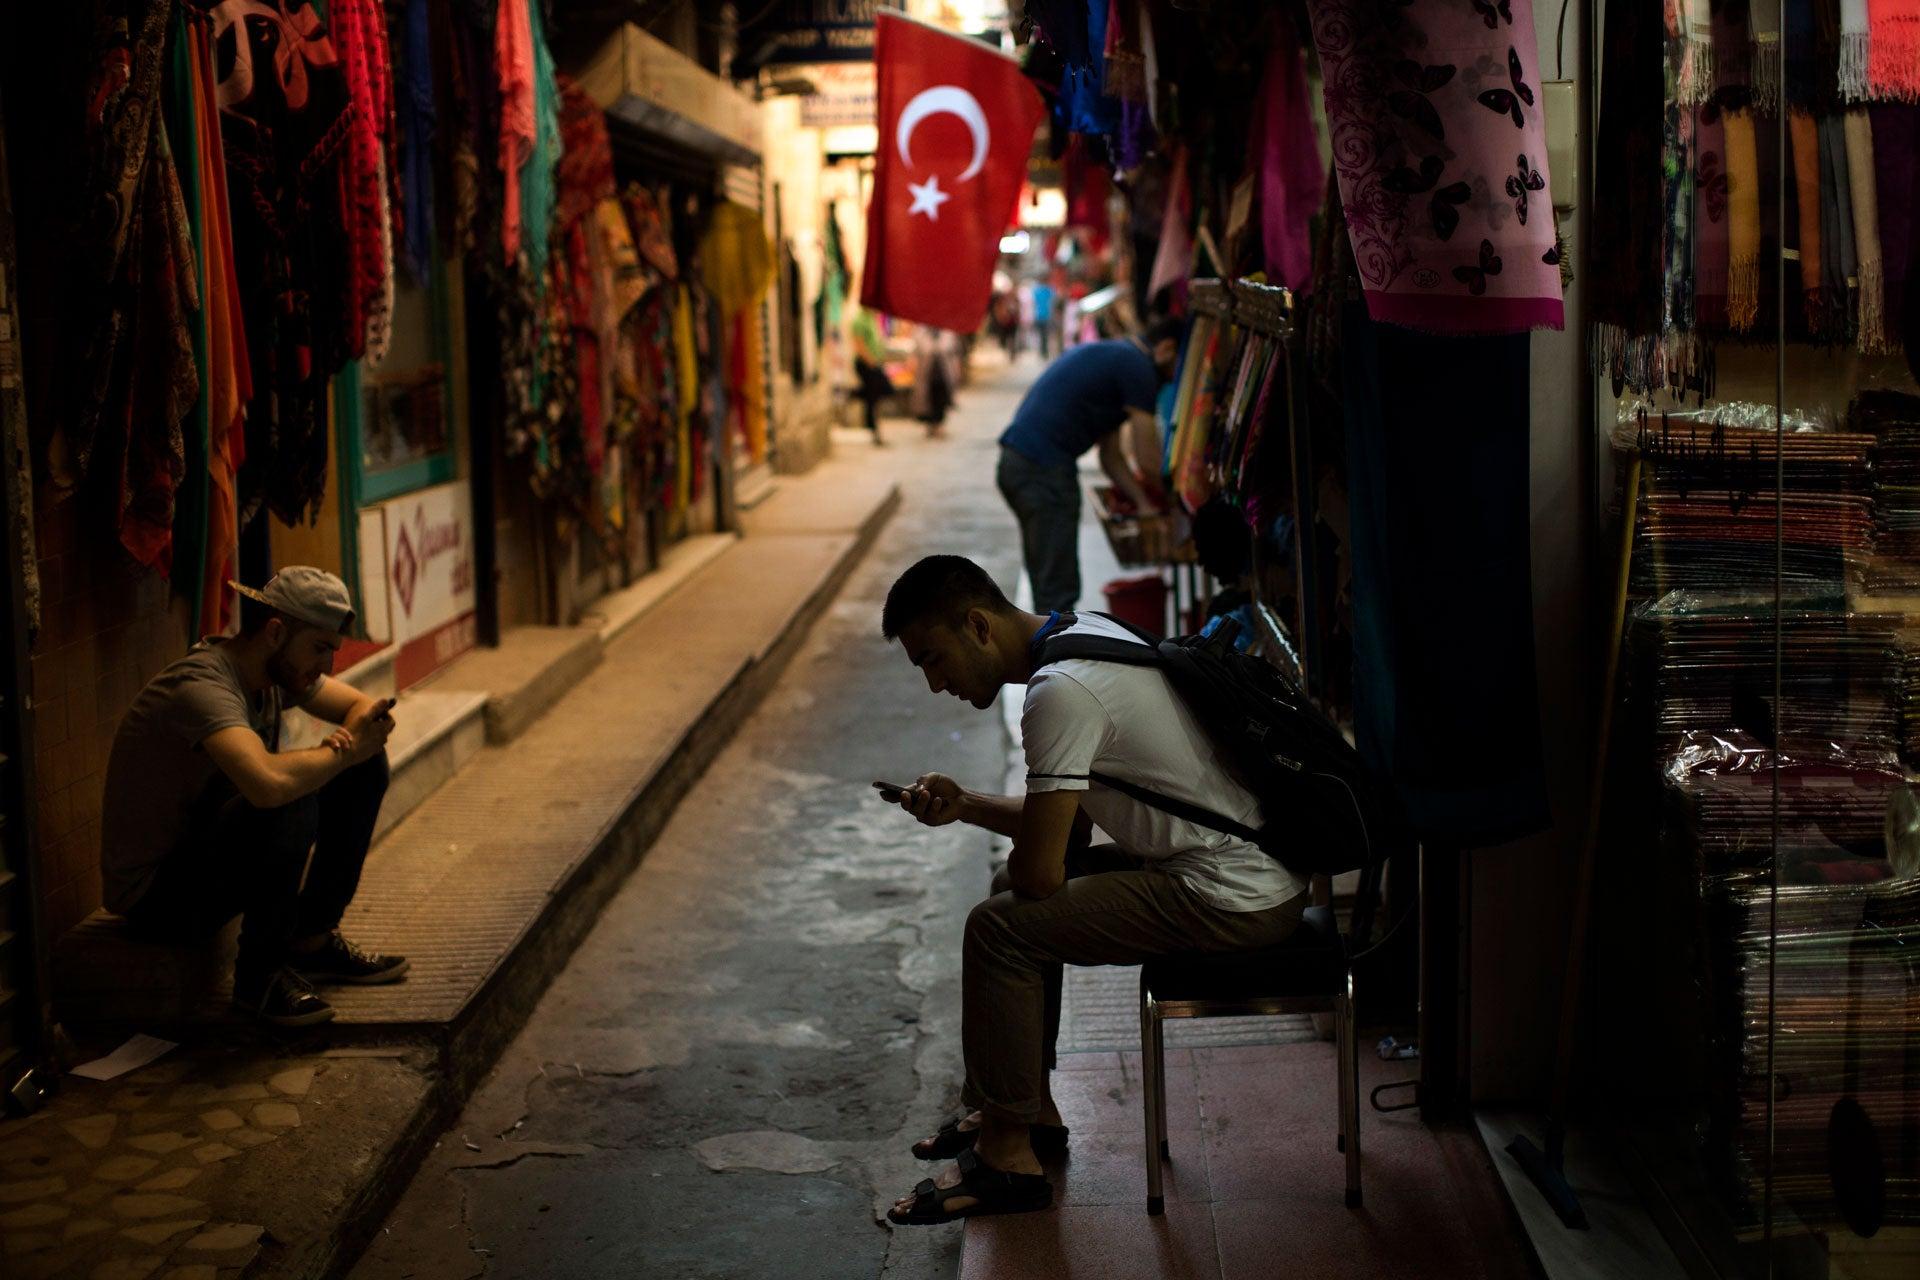 New Dark Era of Online Censorship in Turkey: Daily Brief